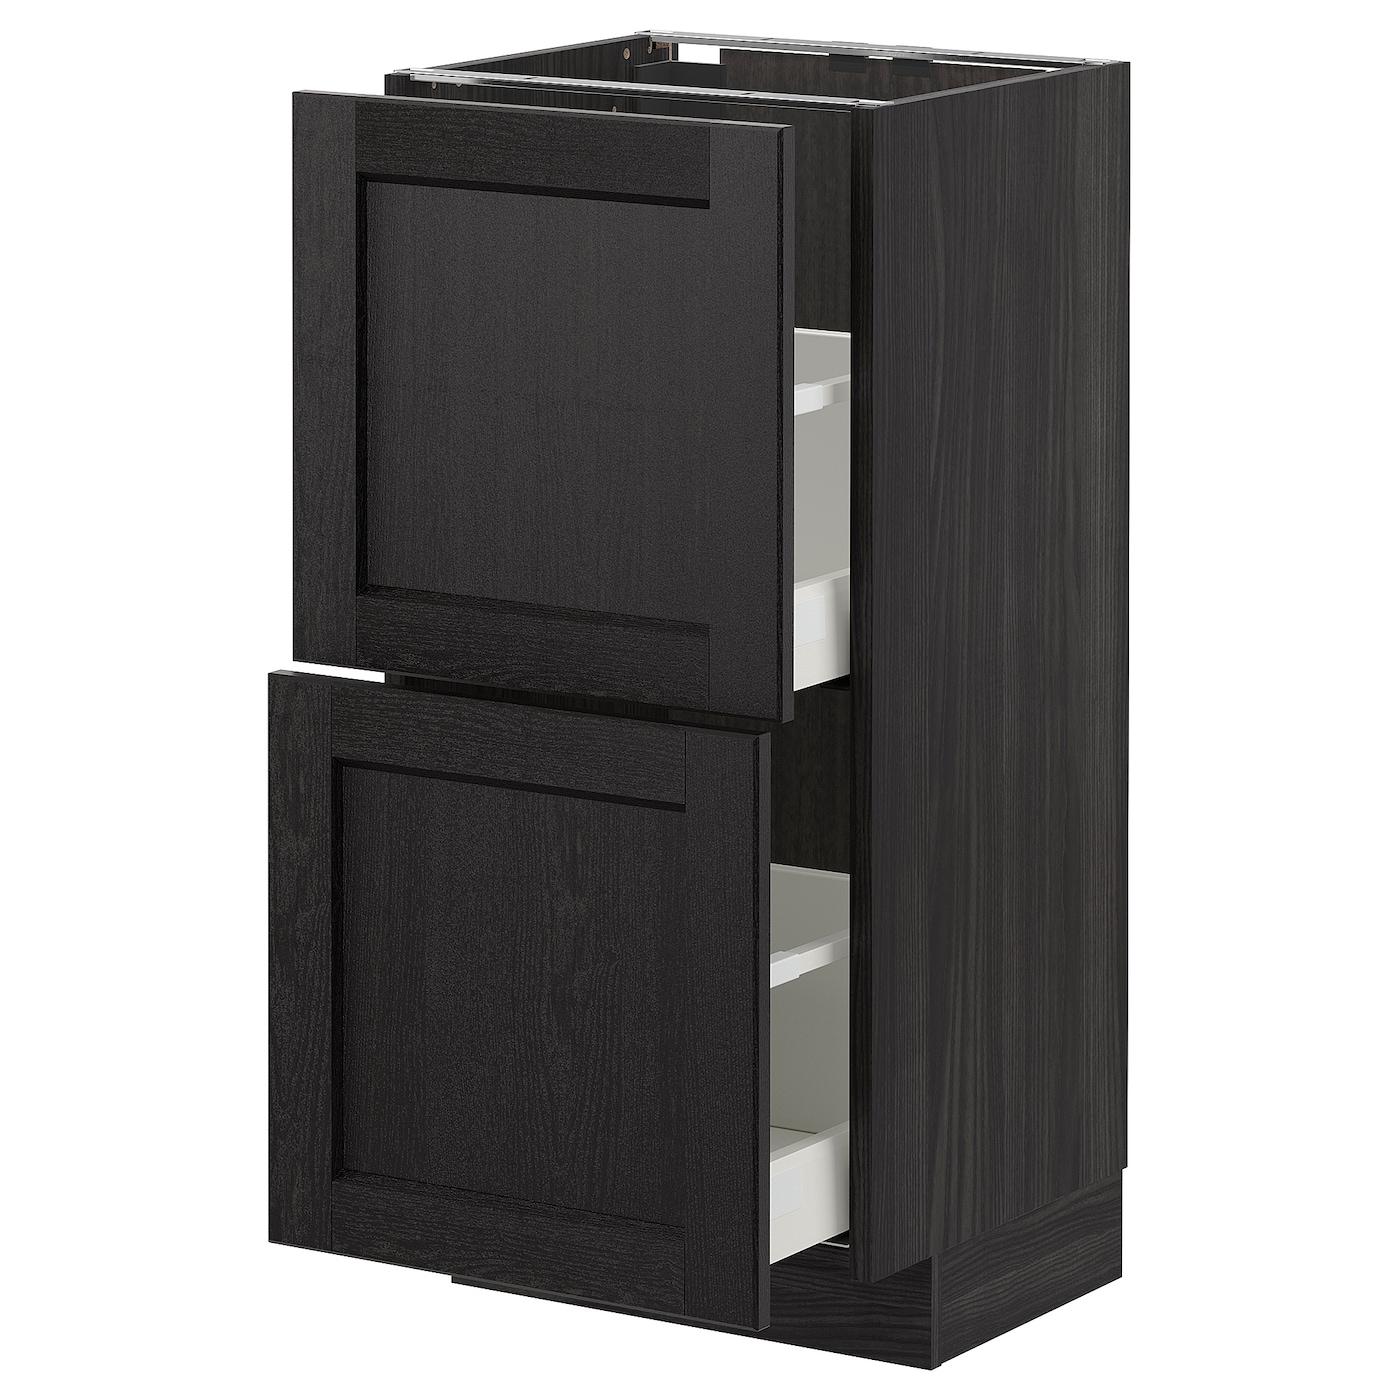 Tv Unterschrank Ikea : metod unterschrank mit 2 schubladen schwarz lerhyttan schwarz lasiert ikea deutschland ~ Watch28wear.com Haus und Dekorationen